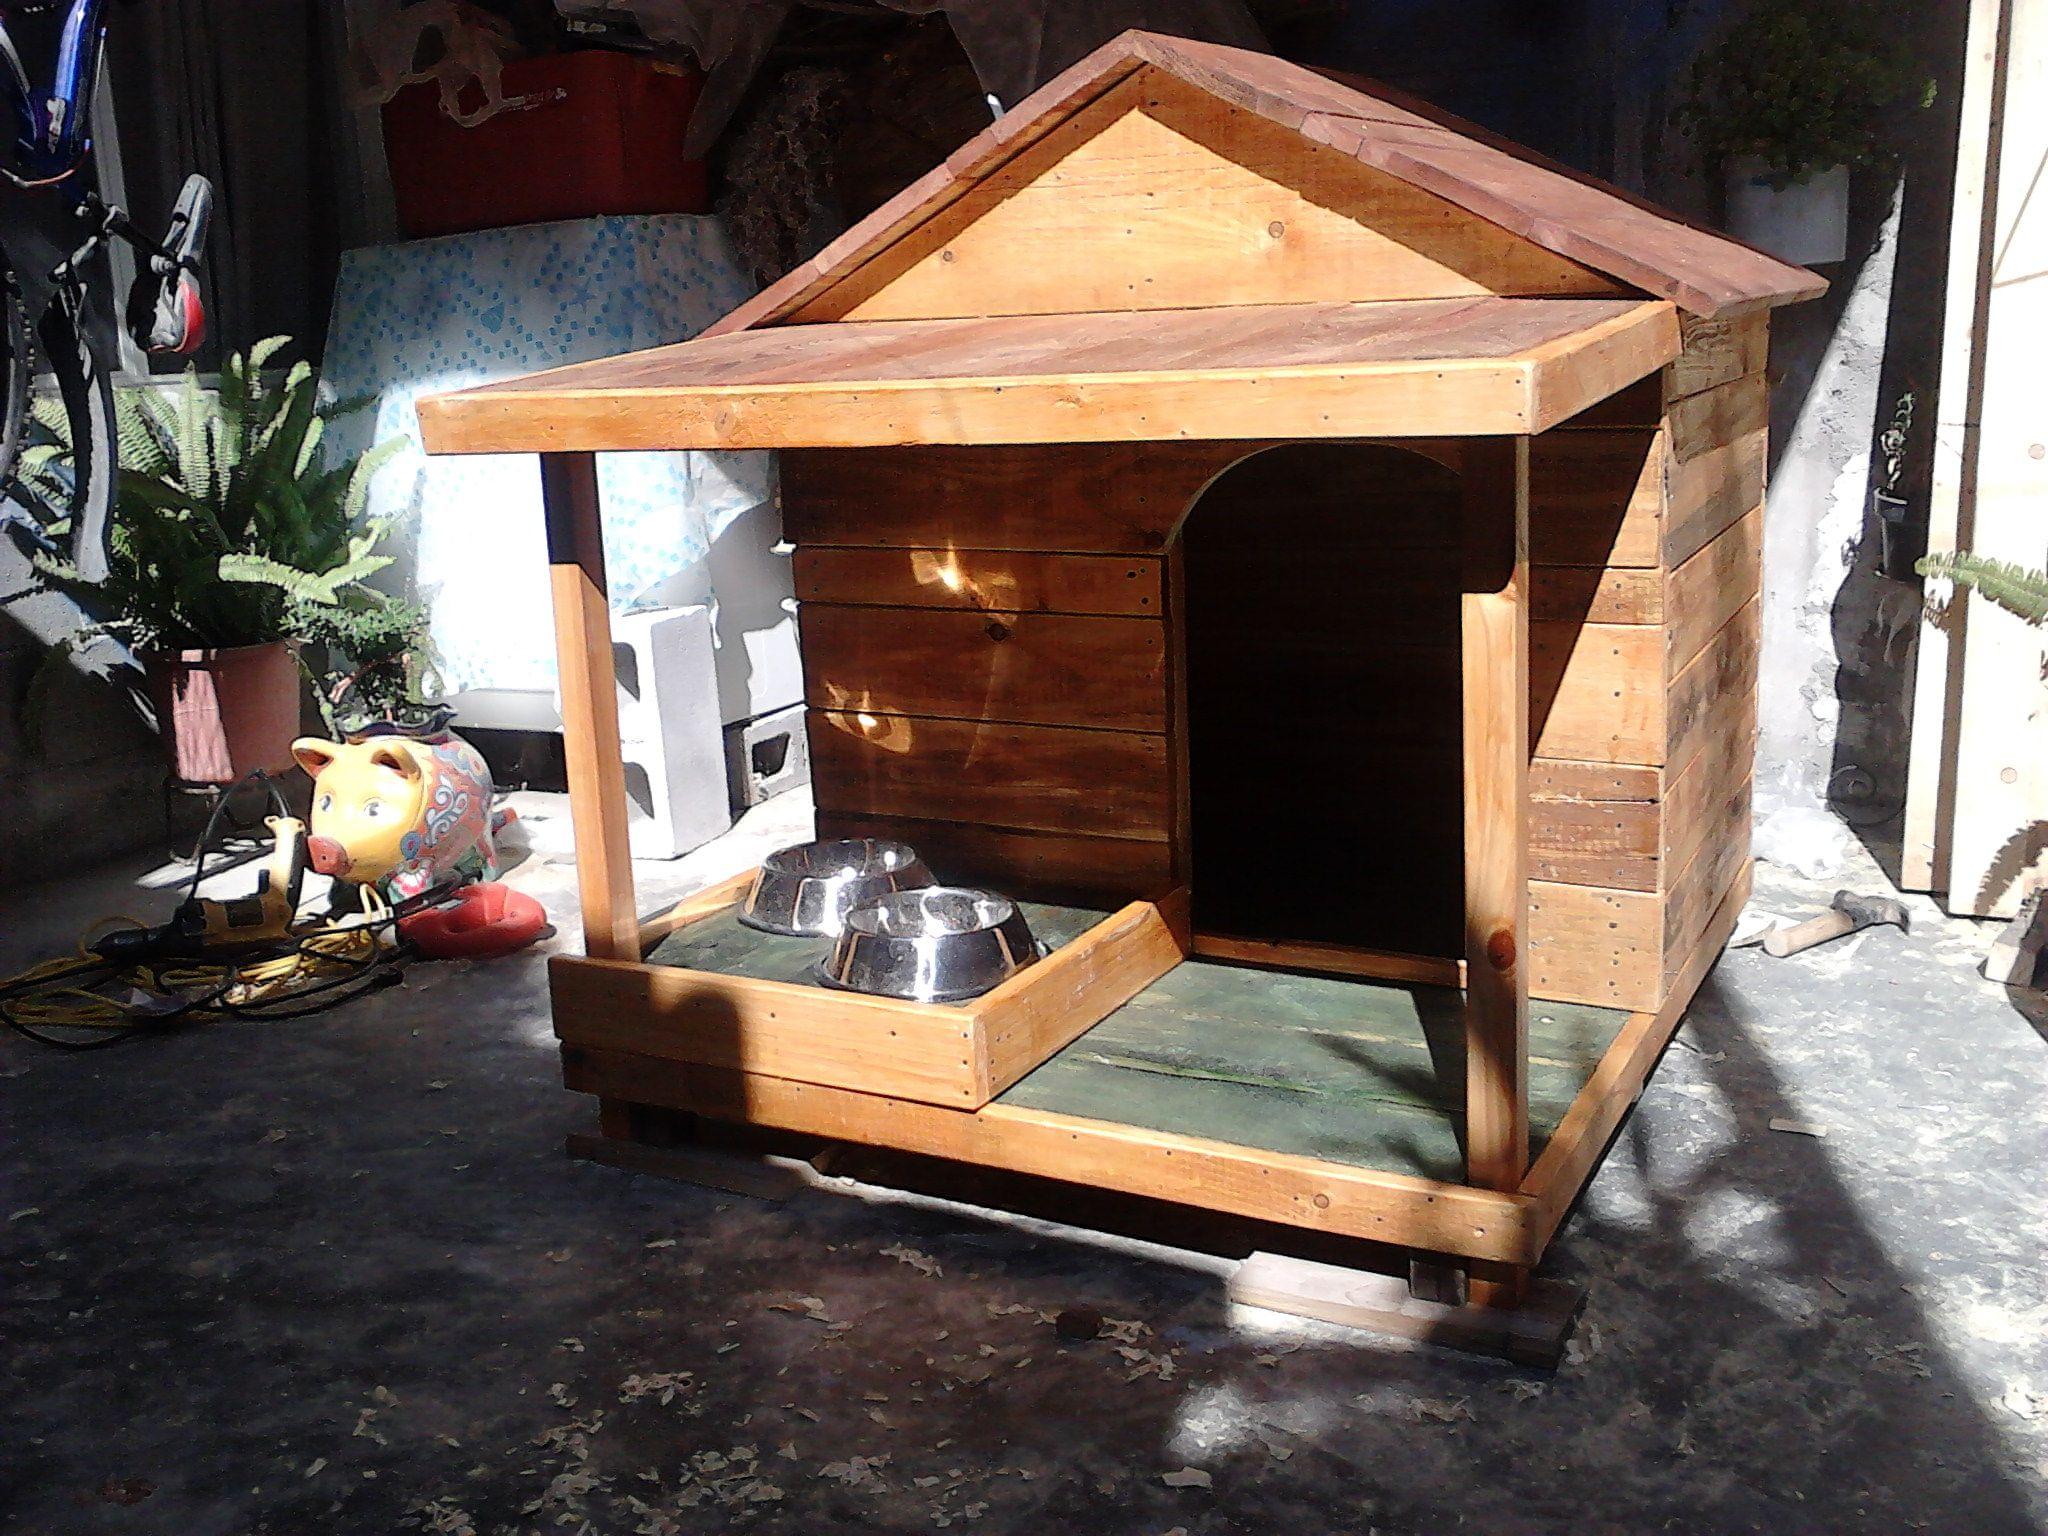 Casa para perro con alimentador y porche dog house in wood - Casa perros madera ...